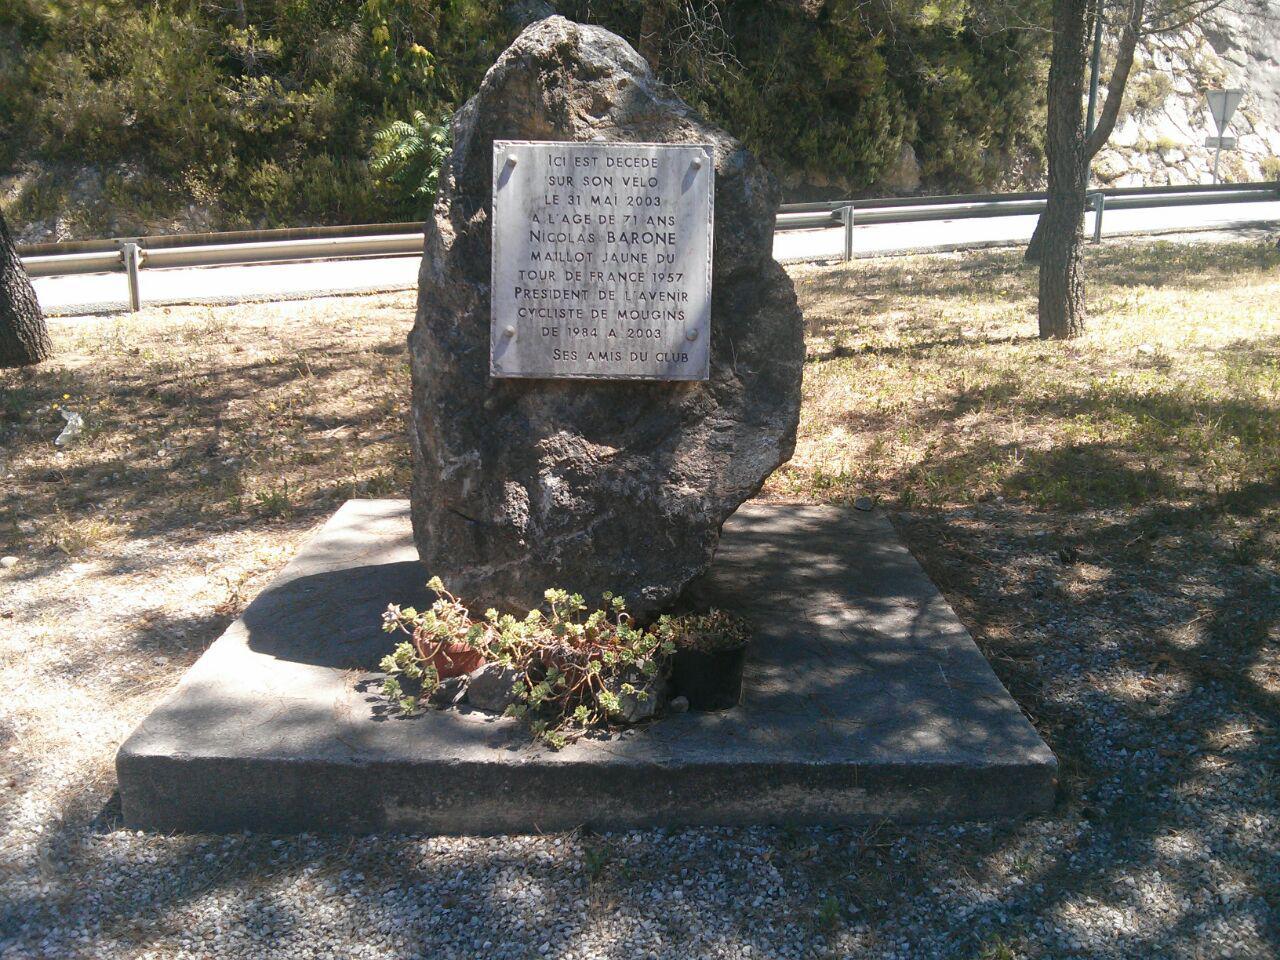 Nicolas Barone est décédé sur cette route le 31 Mai 2003. Une infrastructure sécurisée permettrait d'éviter ce genre de drame à l'avenir.